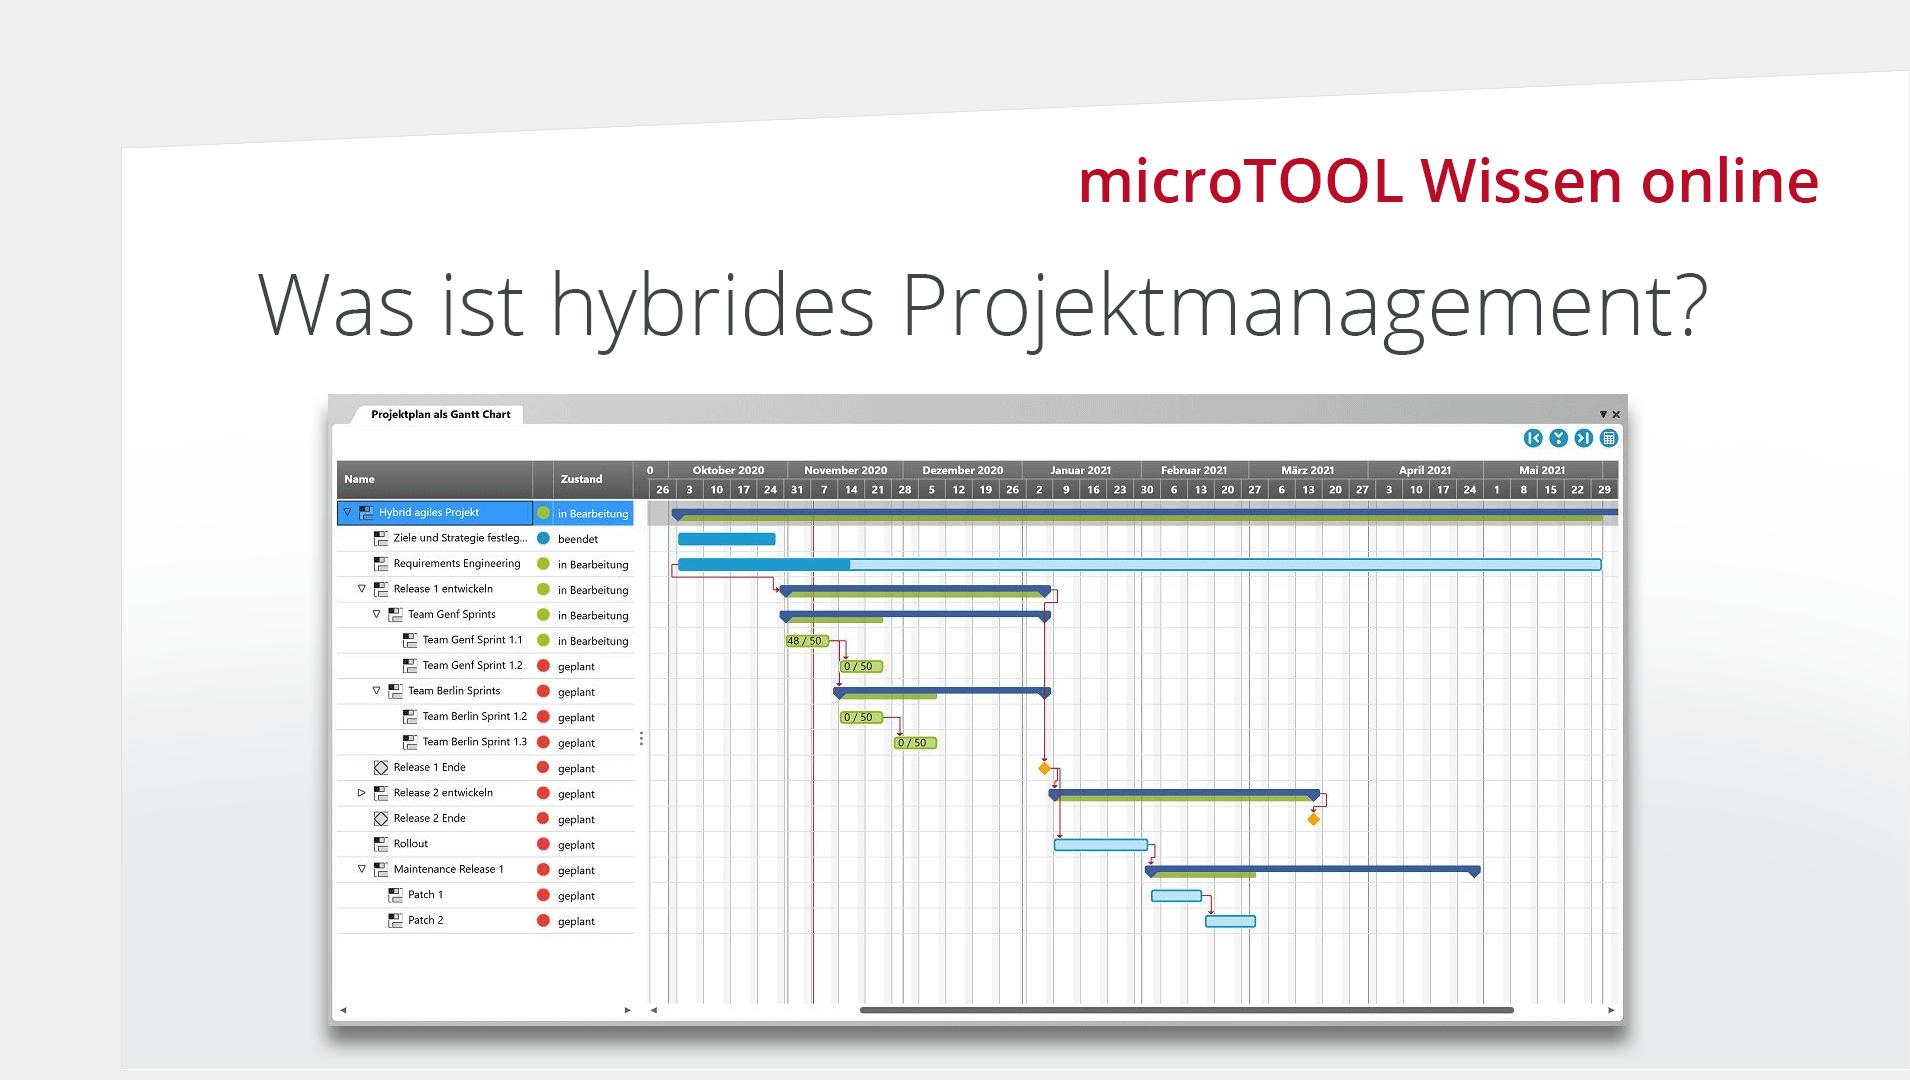 Wissen online: Was ist hybrides Projektmanagement?